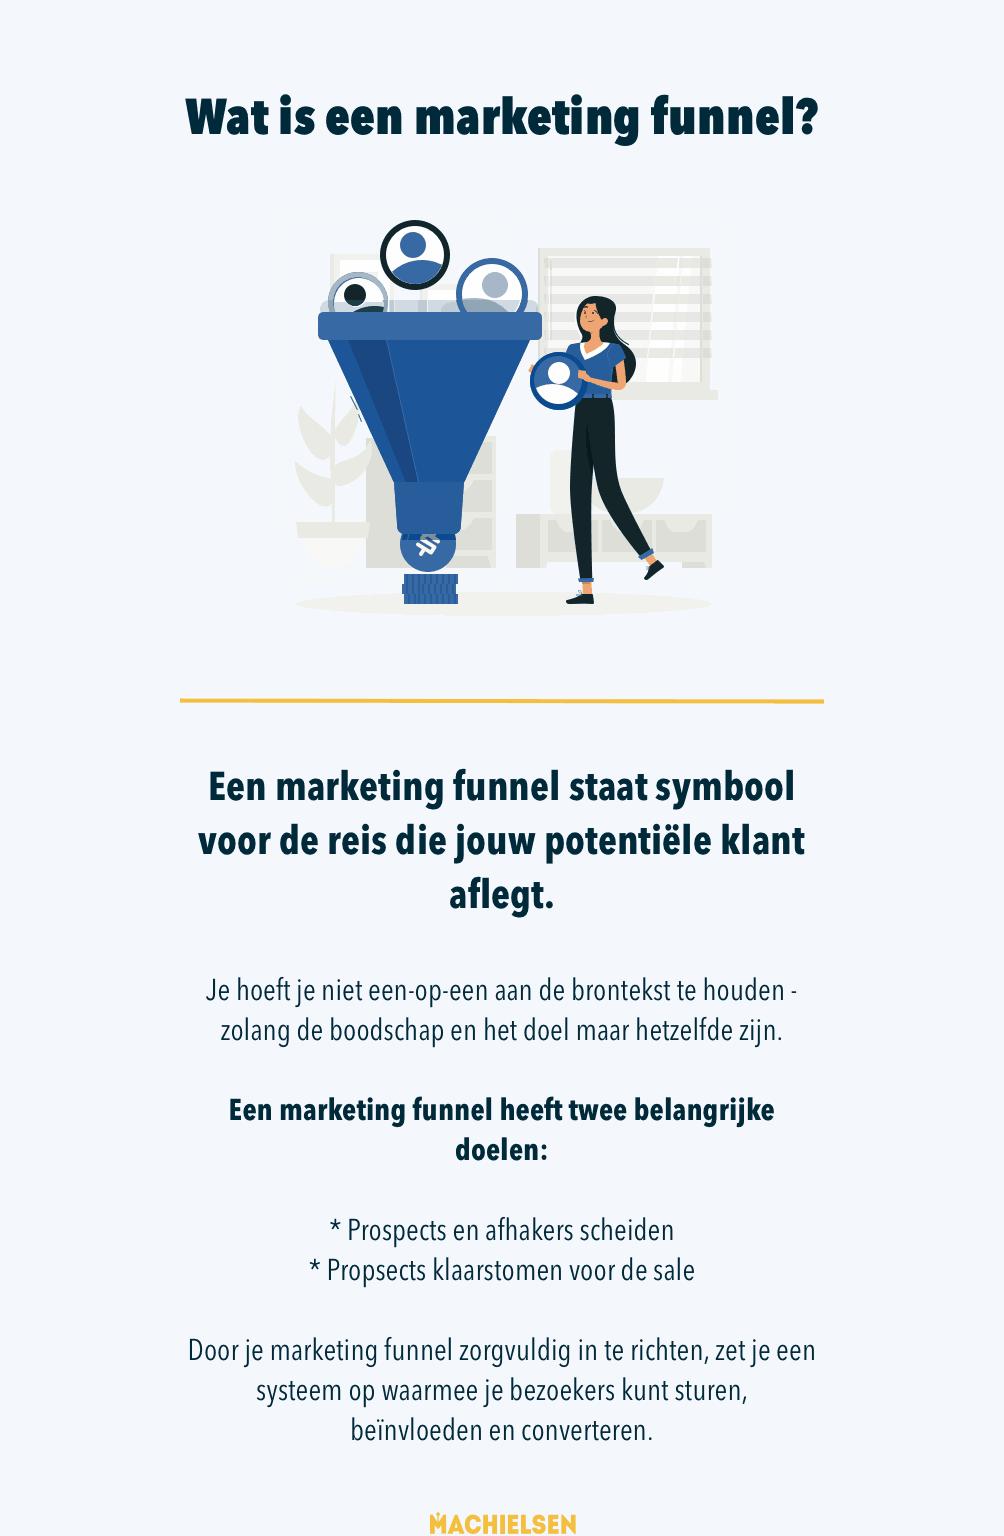 Een marketing funnel staat symbool voor de reis die jouw potentiële klant aflegt